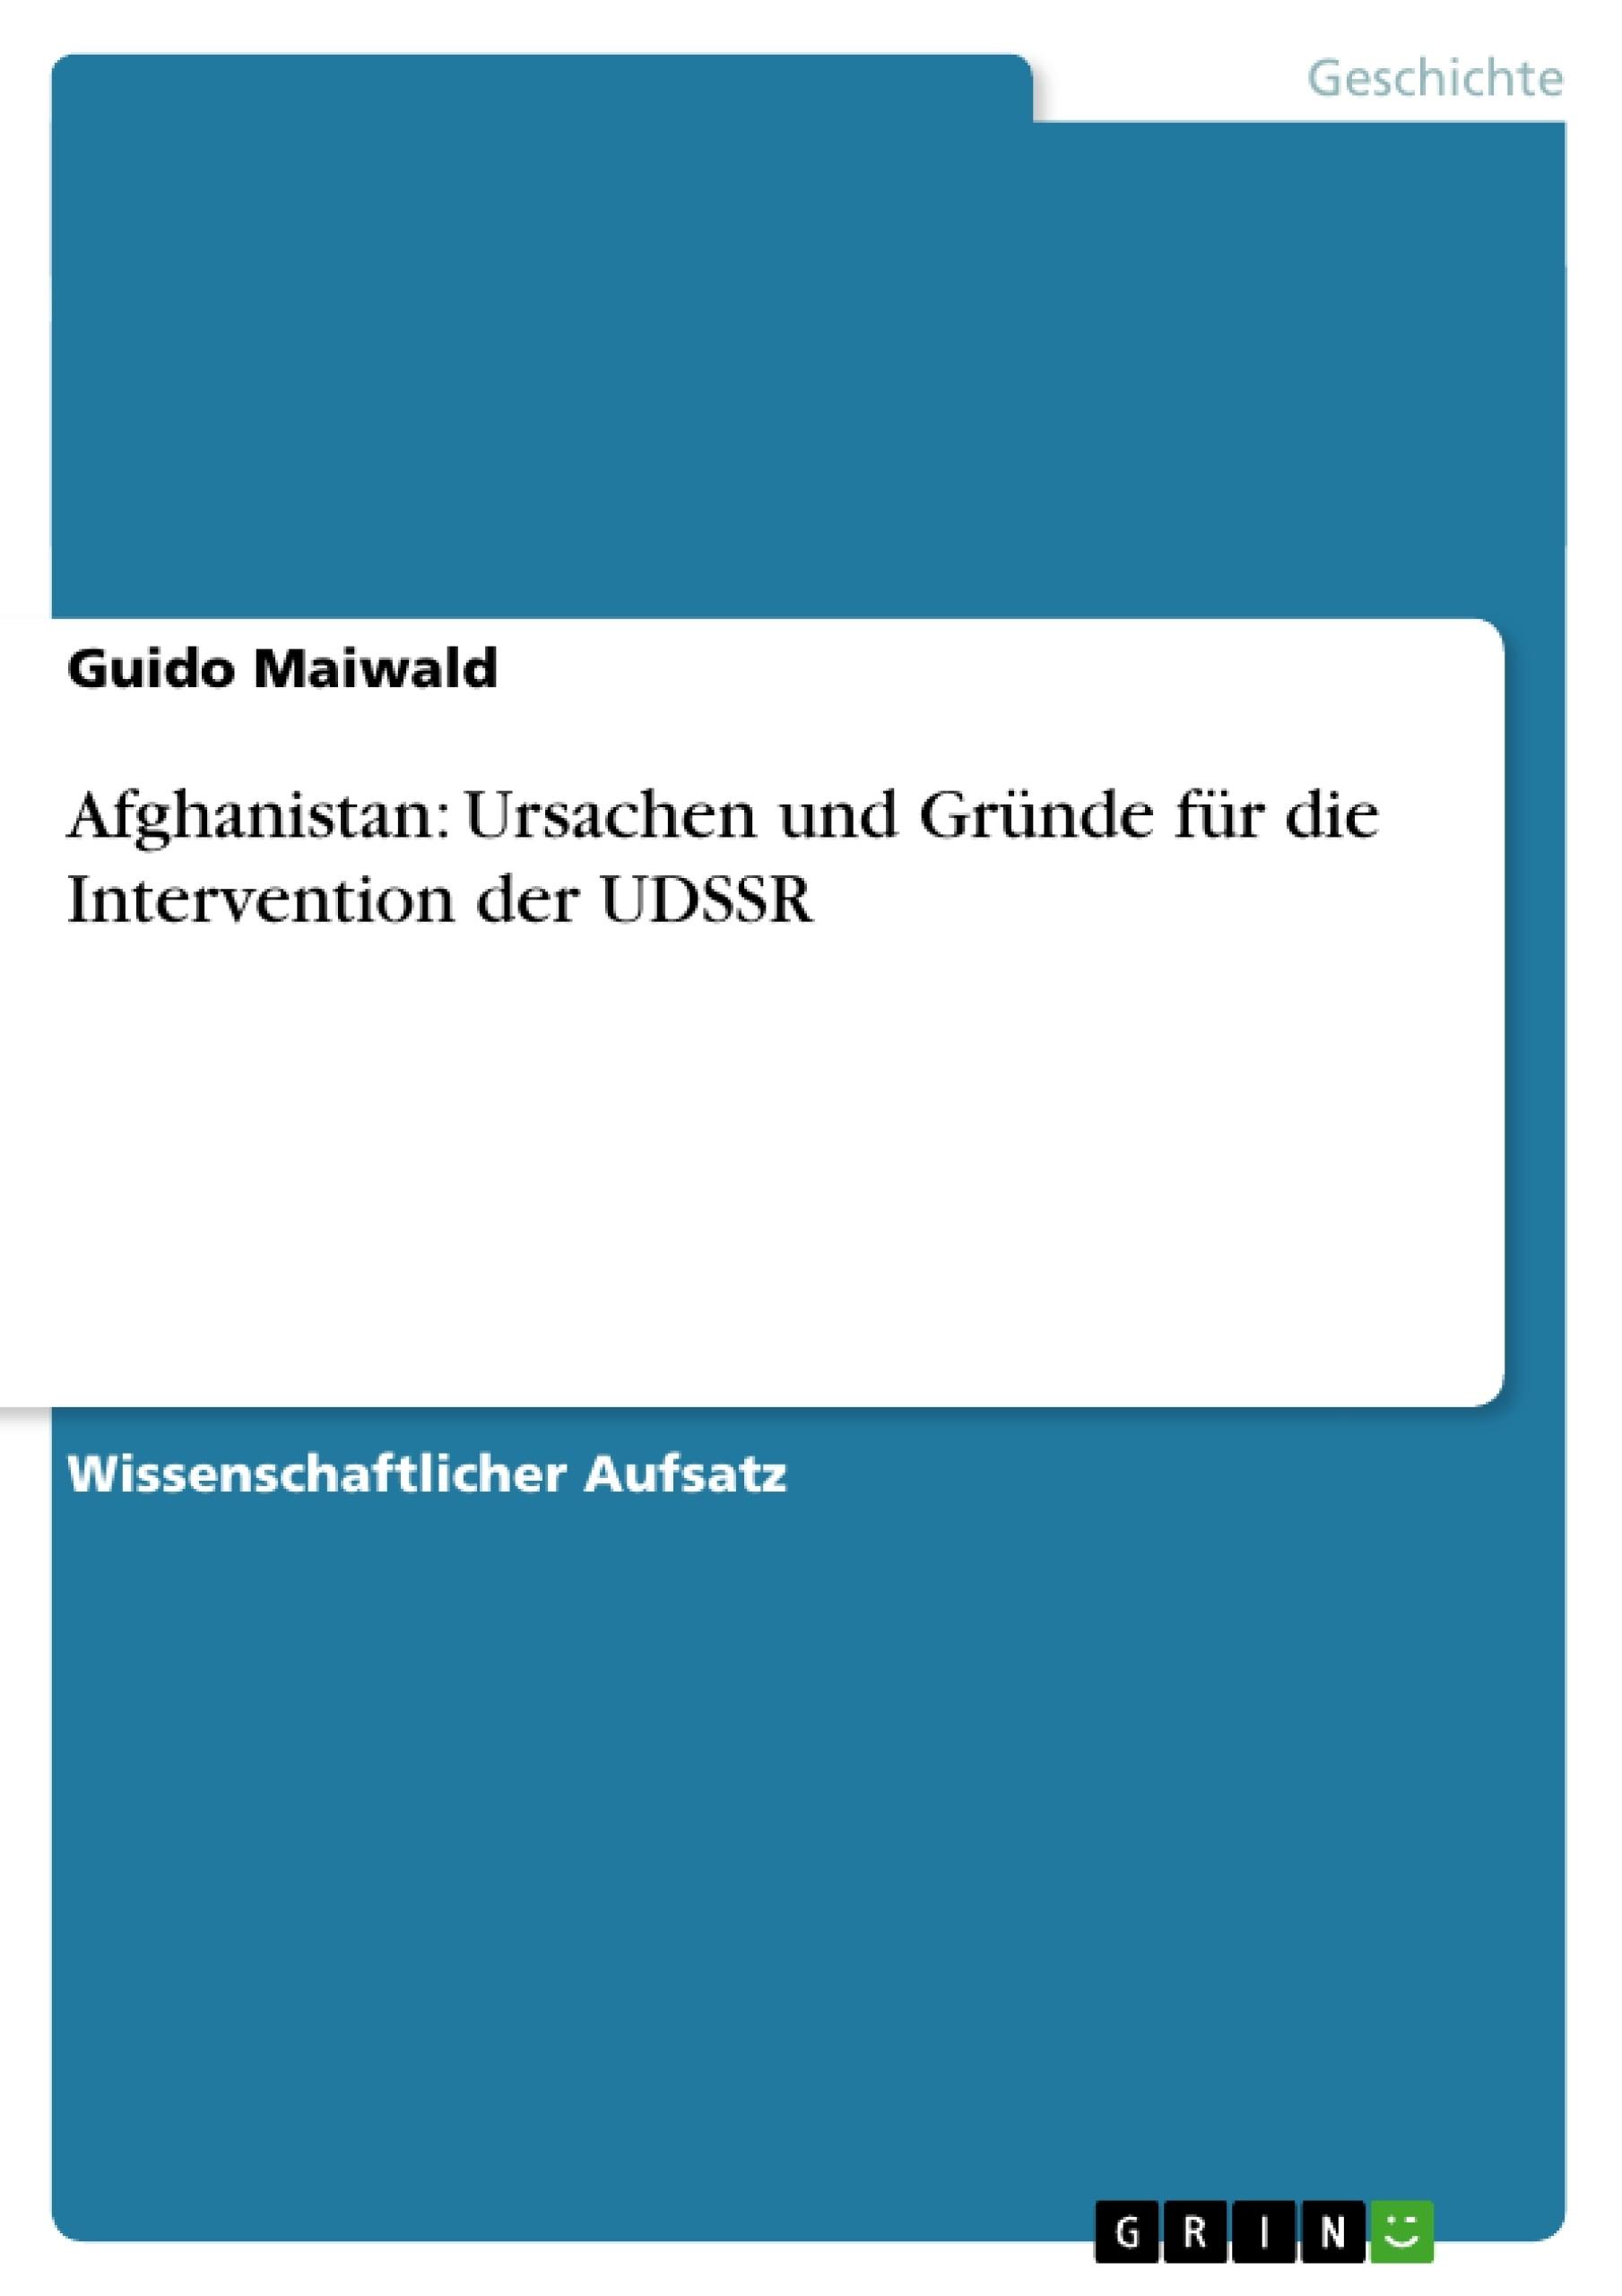 Titel: Afghanistan: Ursachen und Gründe für die Intervention der UDSSR